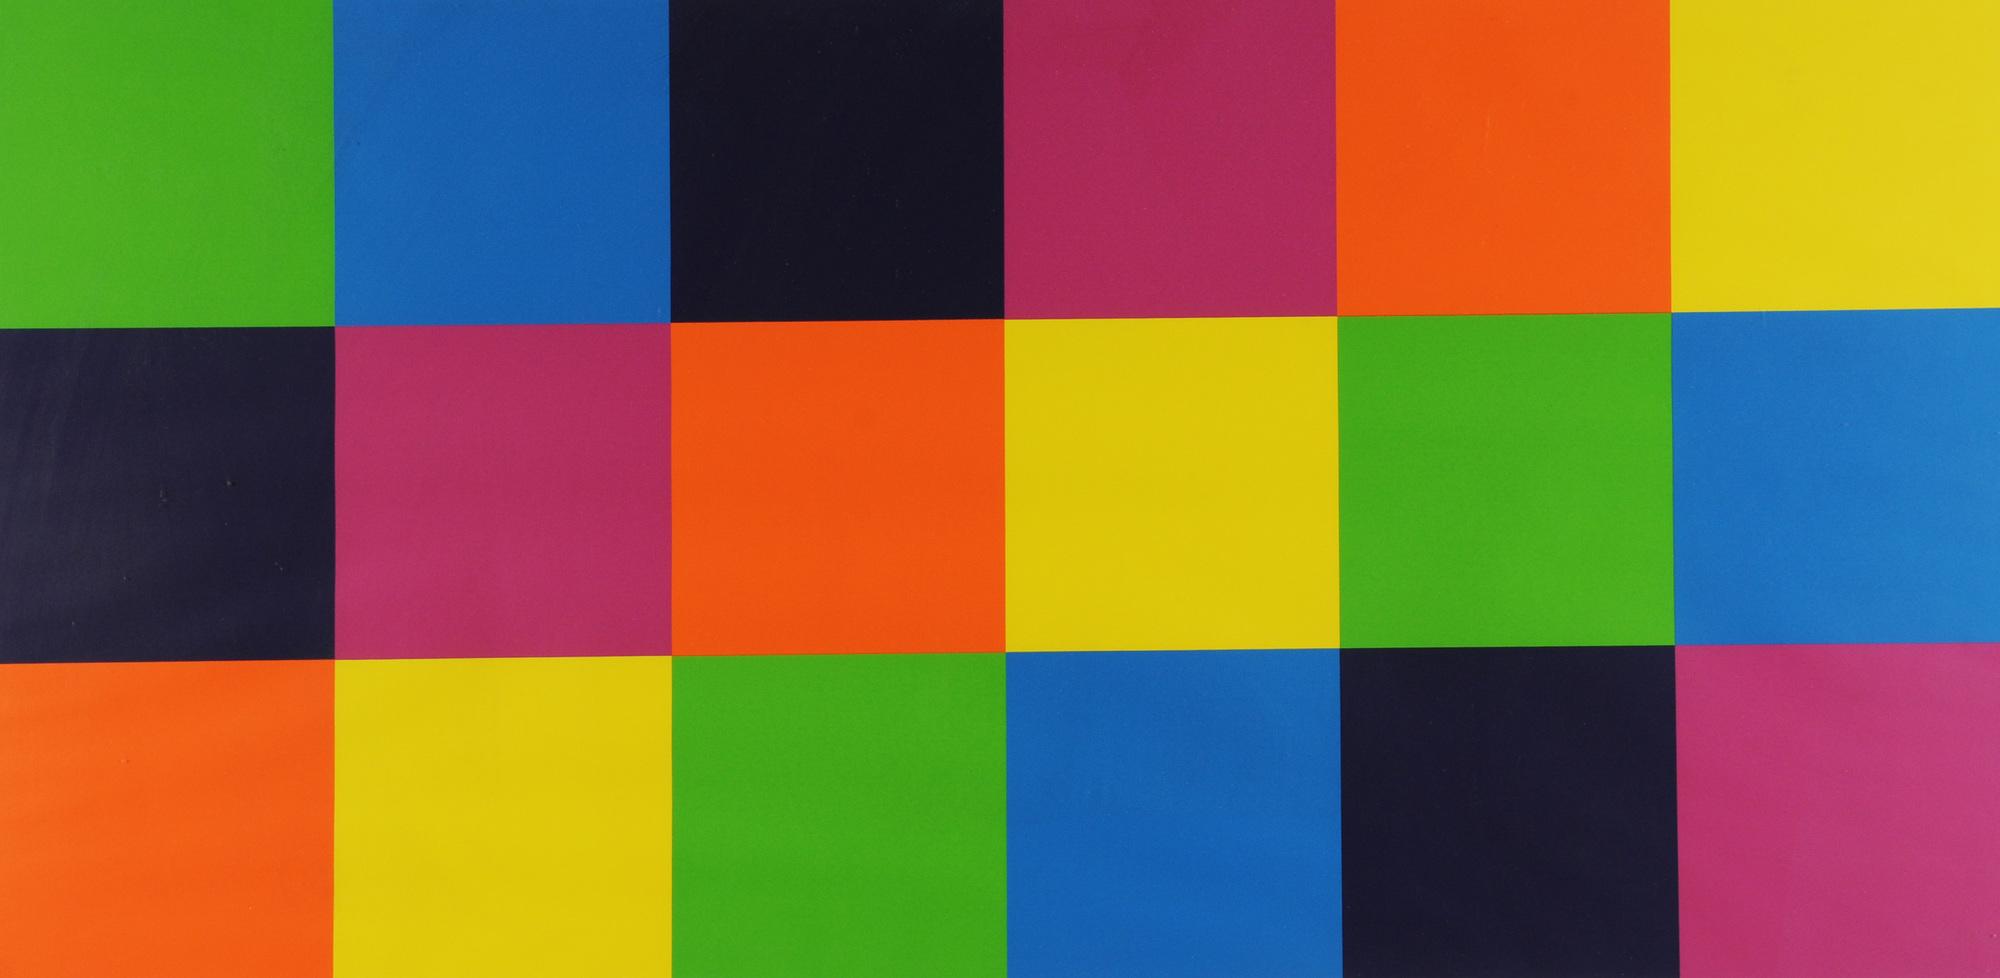 """Lohse Richard Paul, Sheet from """"3 x 3 Farbgleichungen"""""""